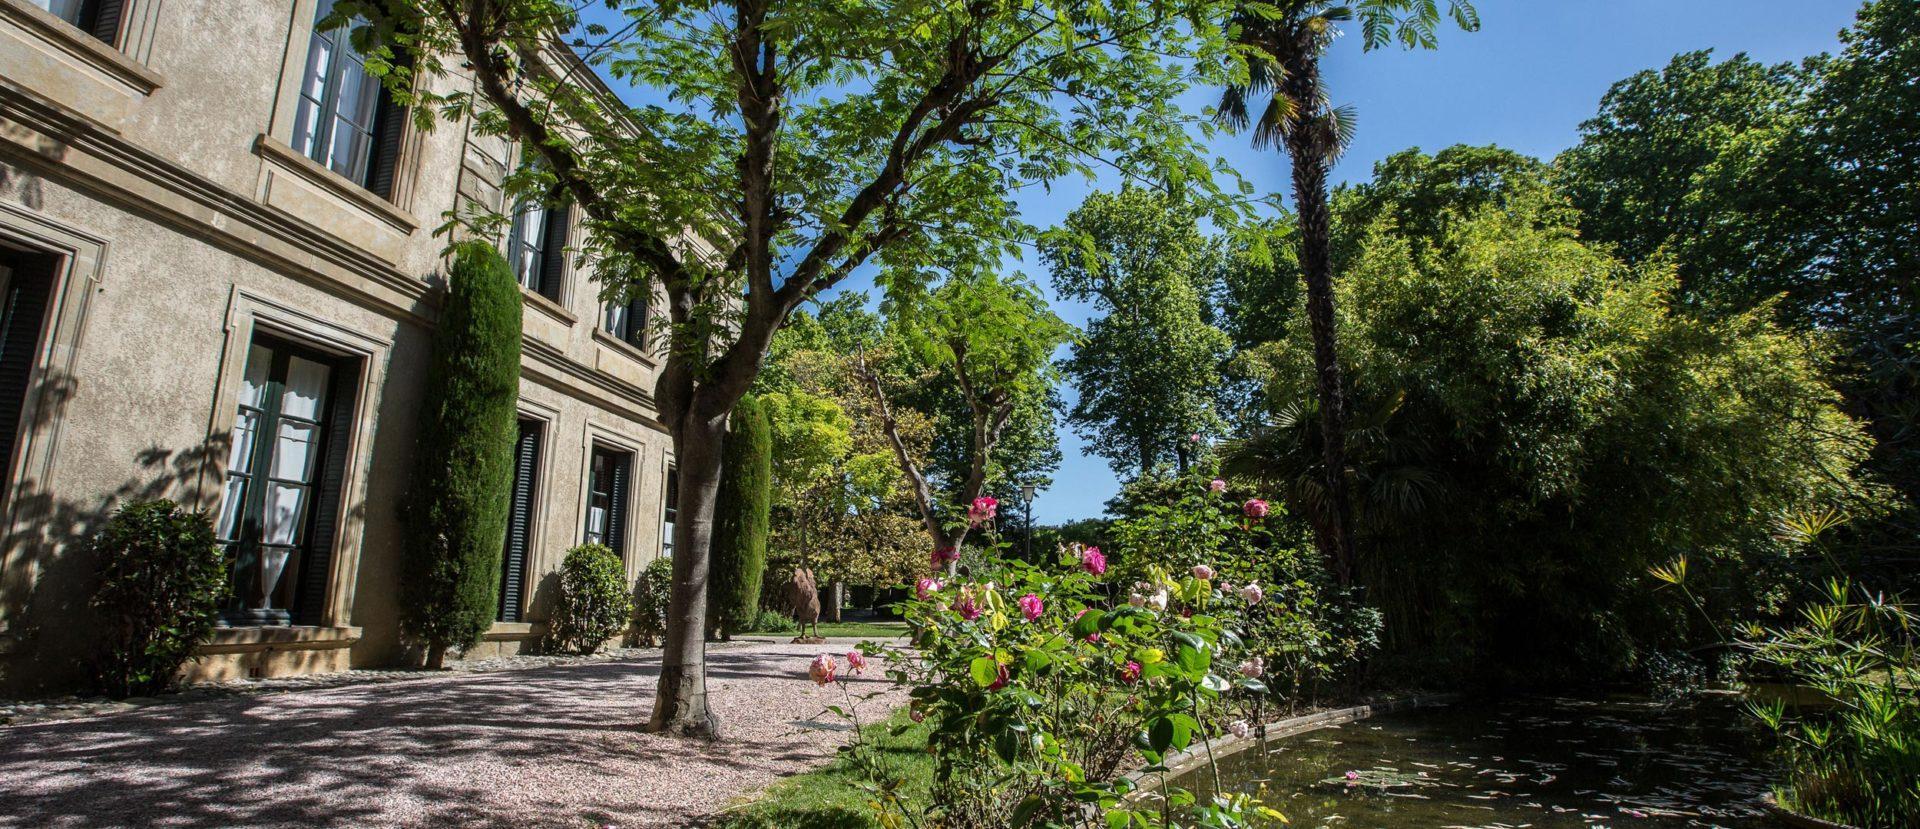 domaine-d-auriac-carcassonne-occitanie-seminaires-de-caractere-jardins